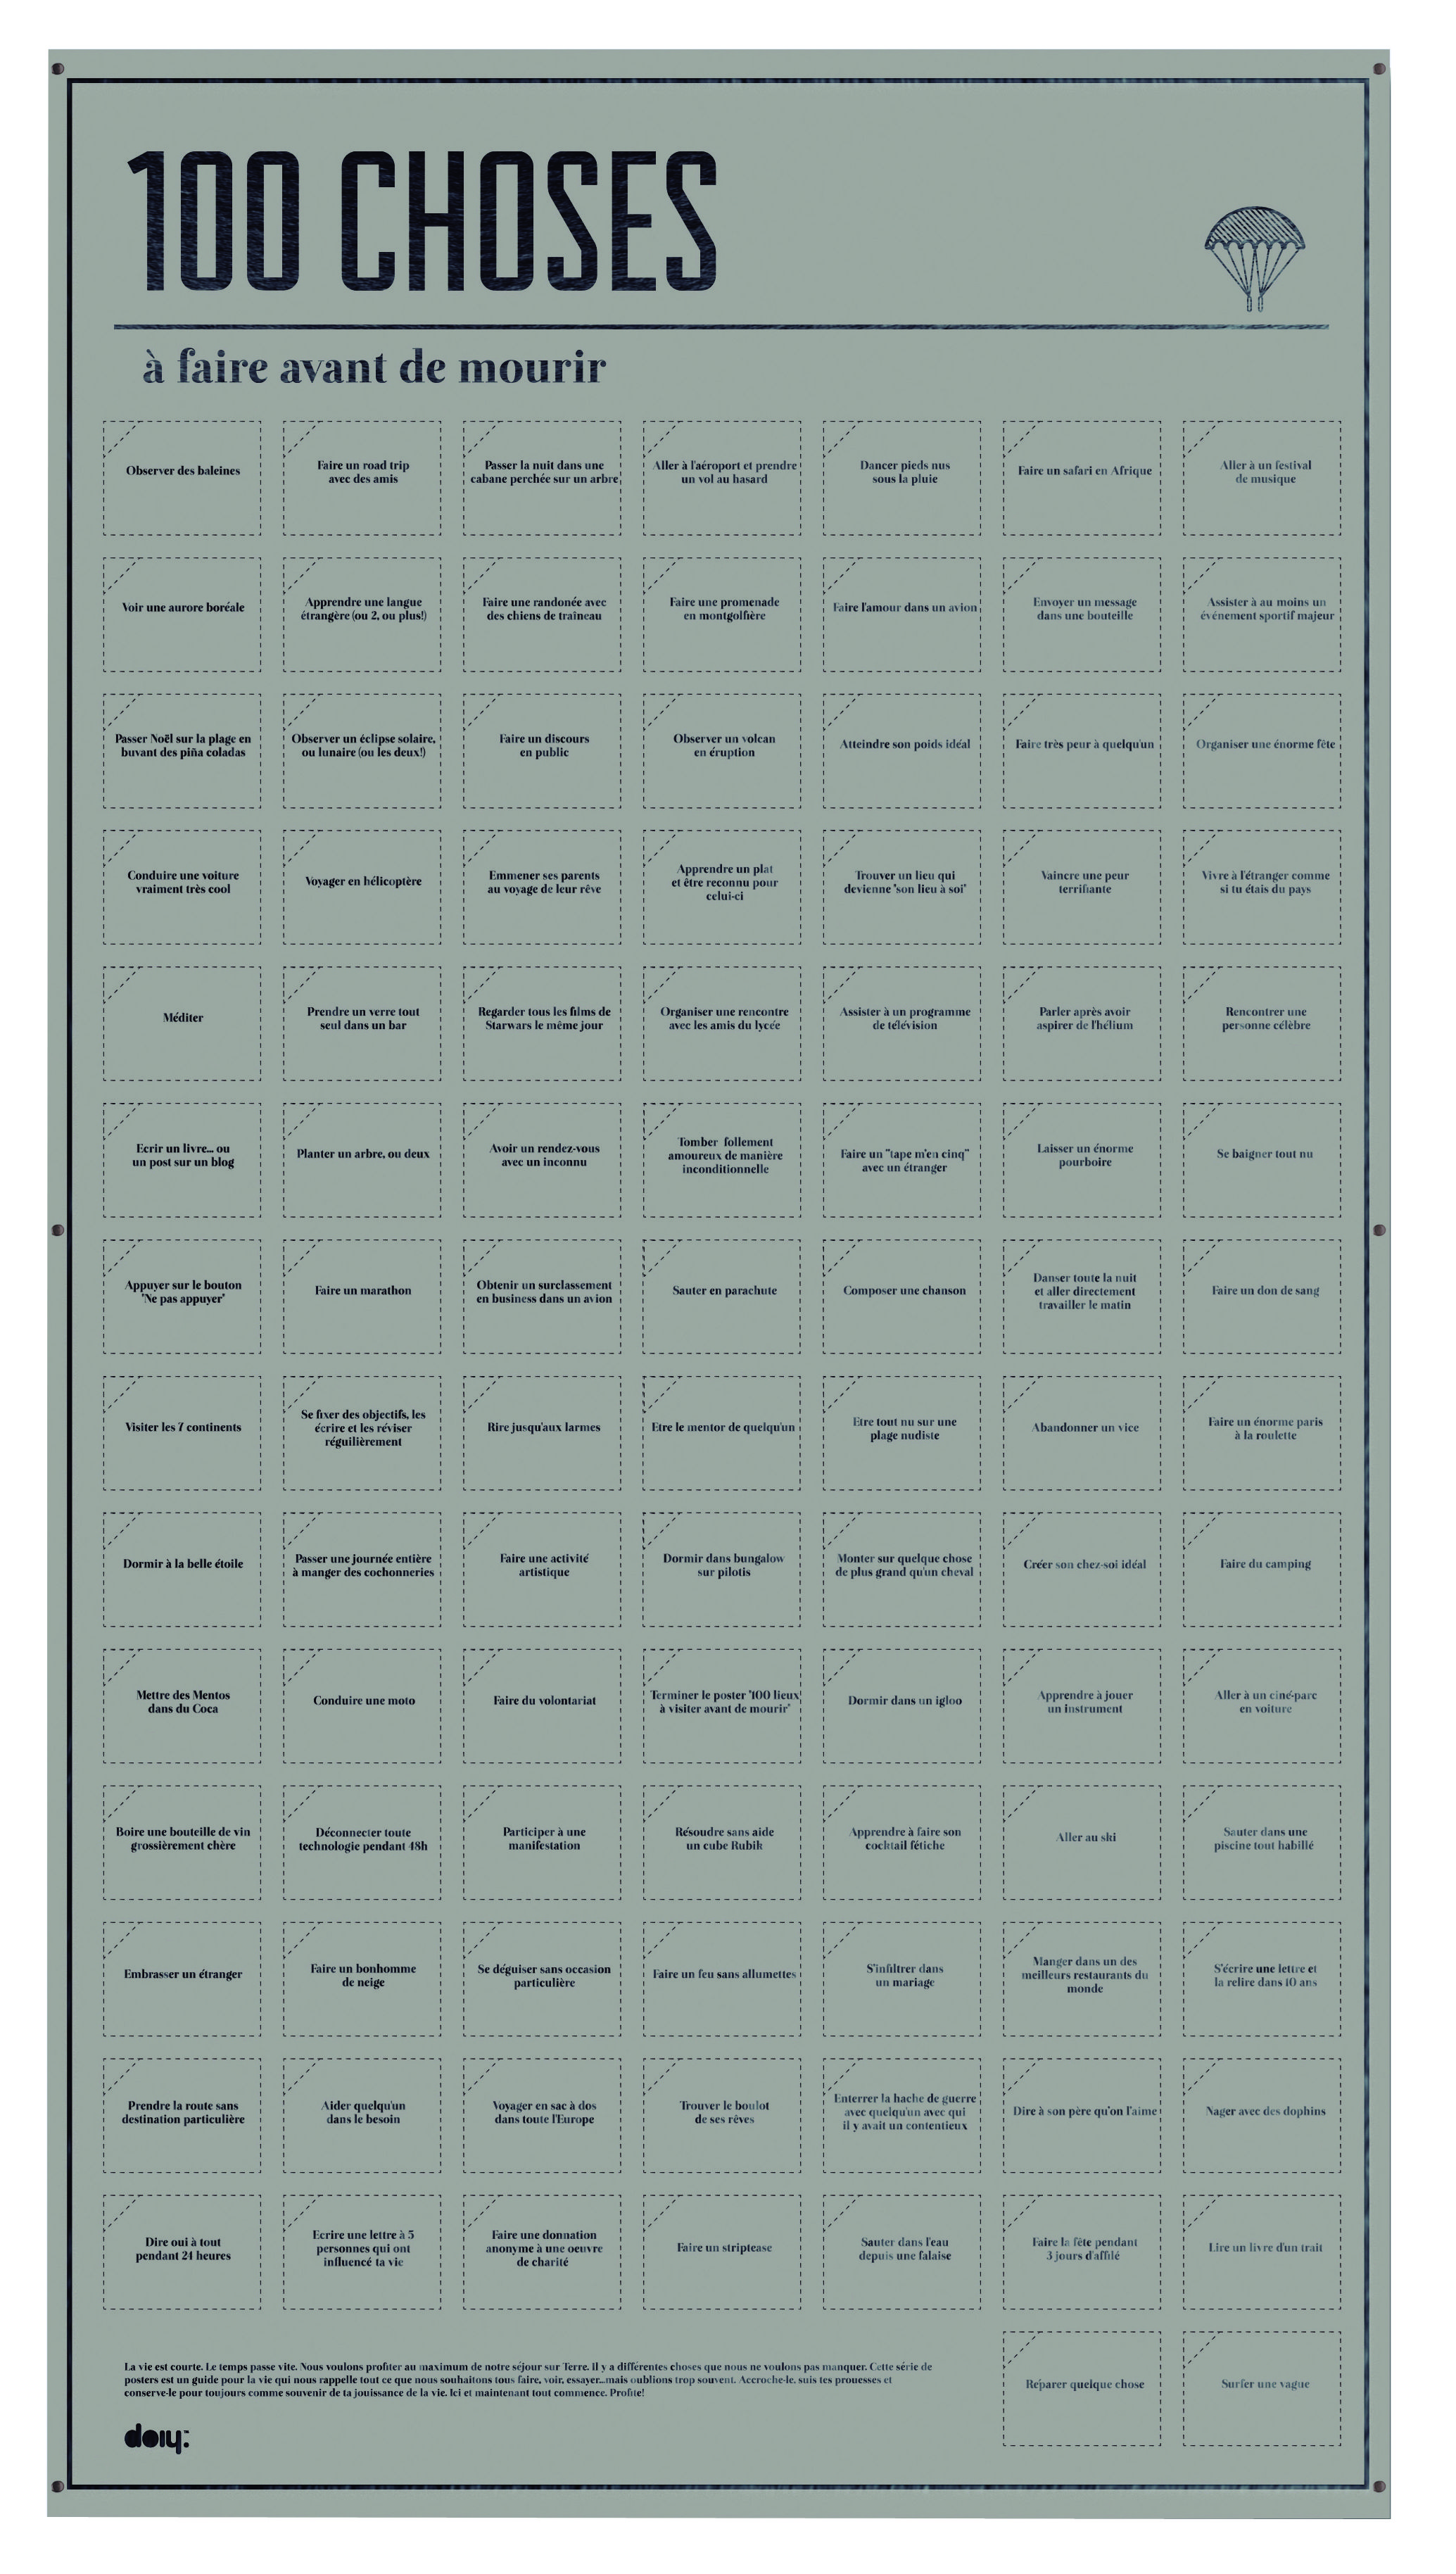 poster 100 choses faire avant de mourir avec vignettes interactives l 55 x h 98 cm choses. Black Bedroom Furniture Sets. Home Design Ideas